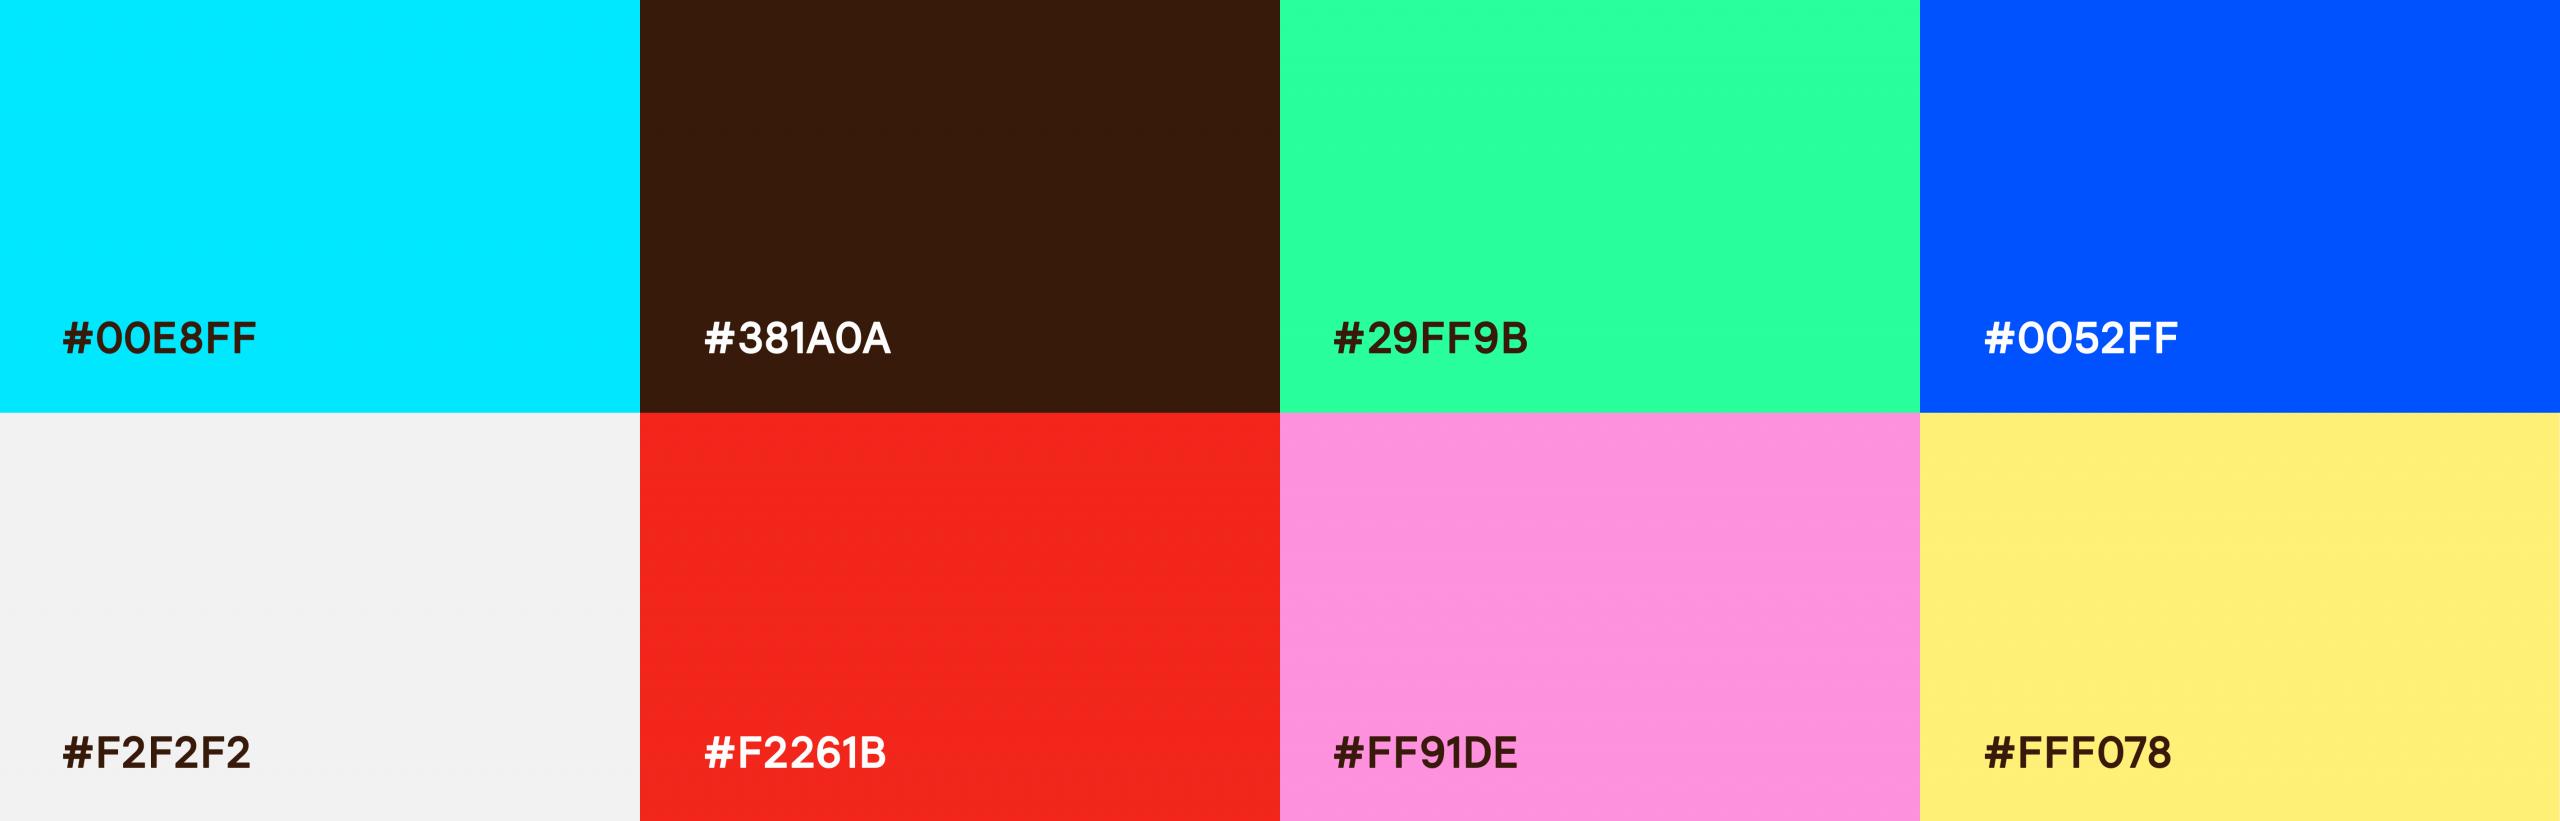 AG2R-LA-MONDIALE-Branding-couleurs-letb-synergie-agence-communication-tours-paris